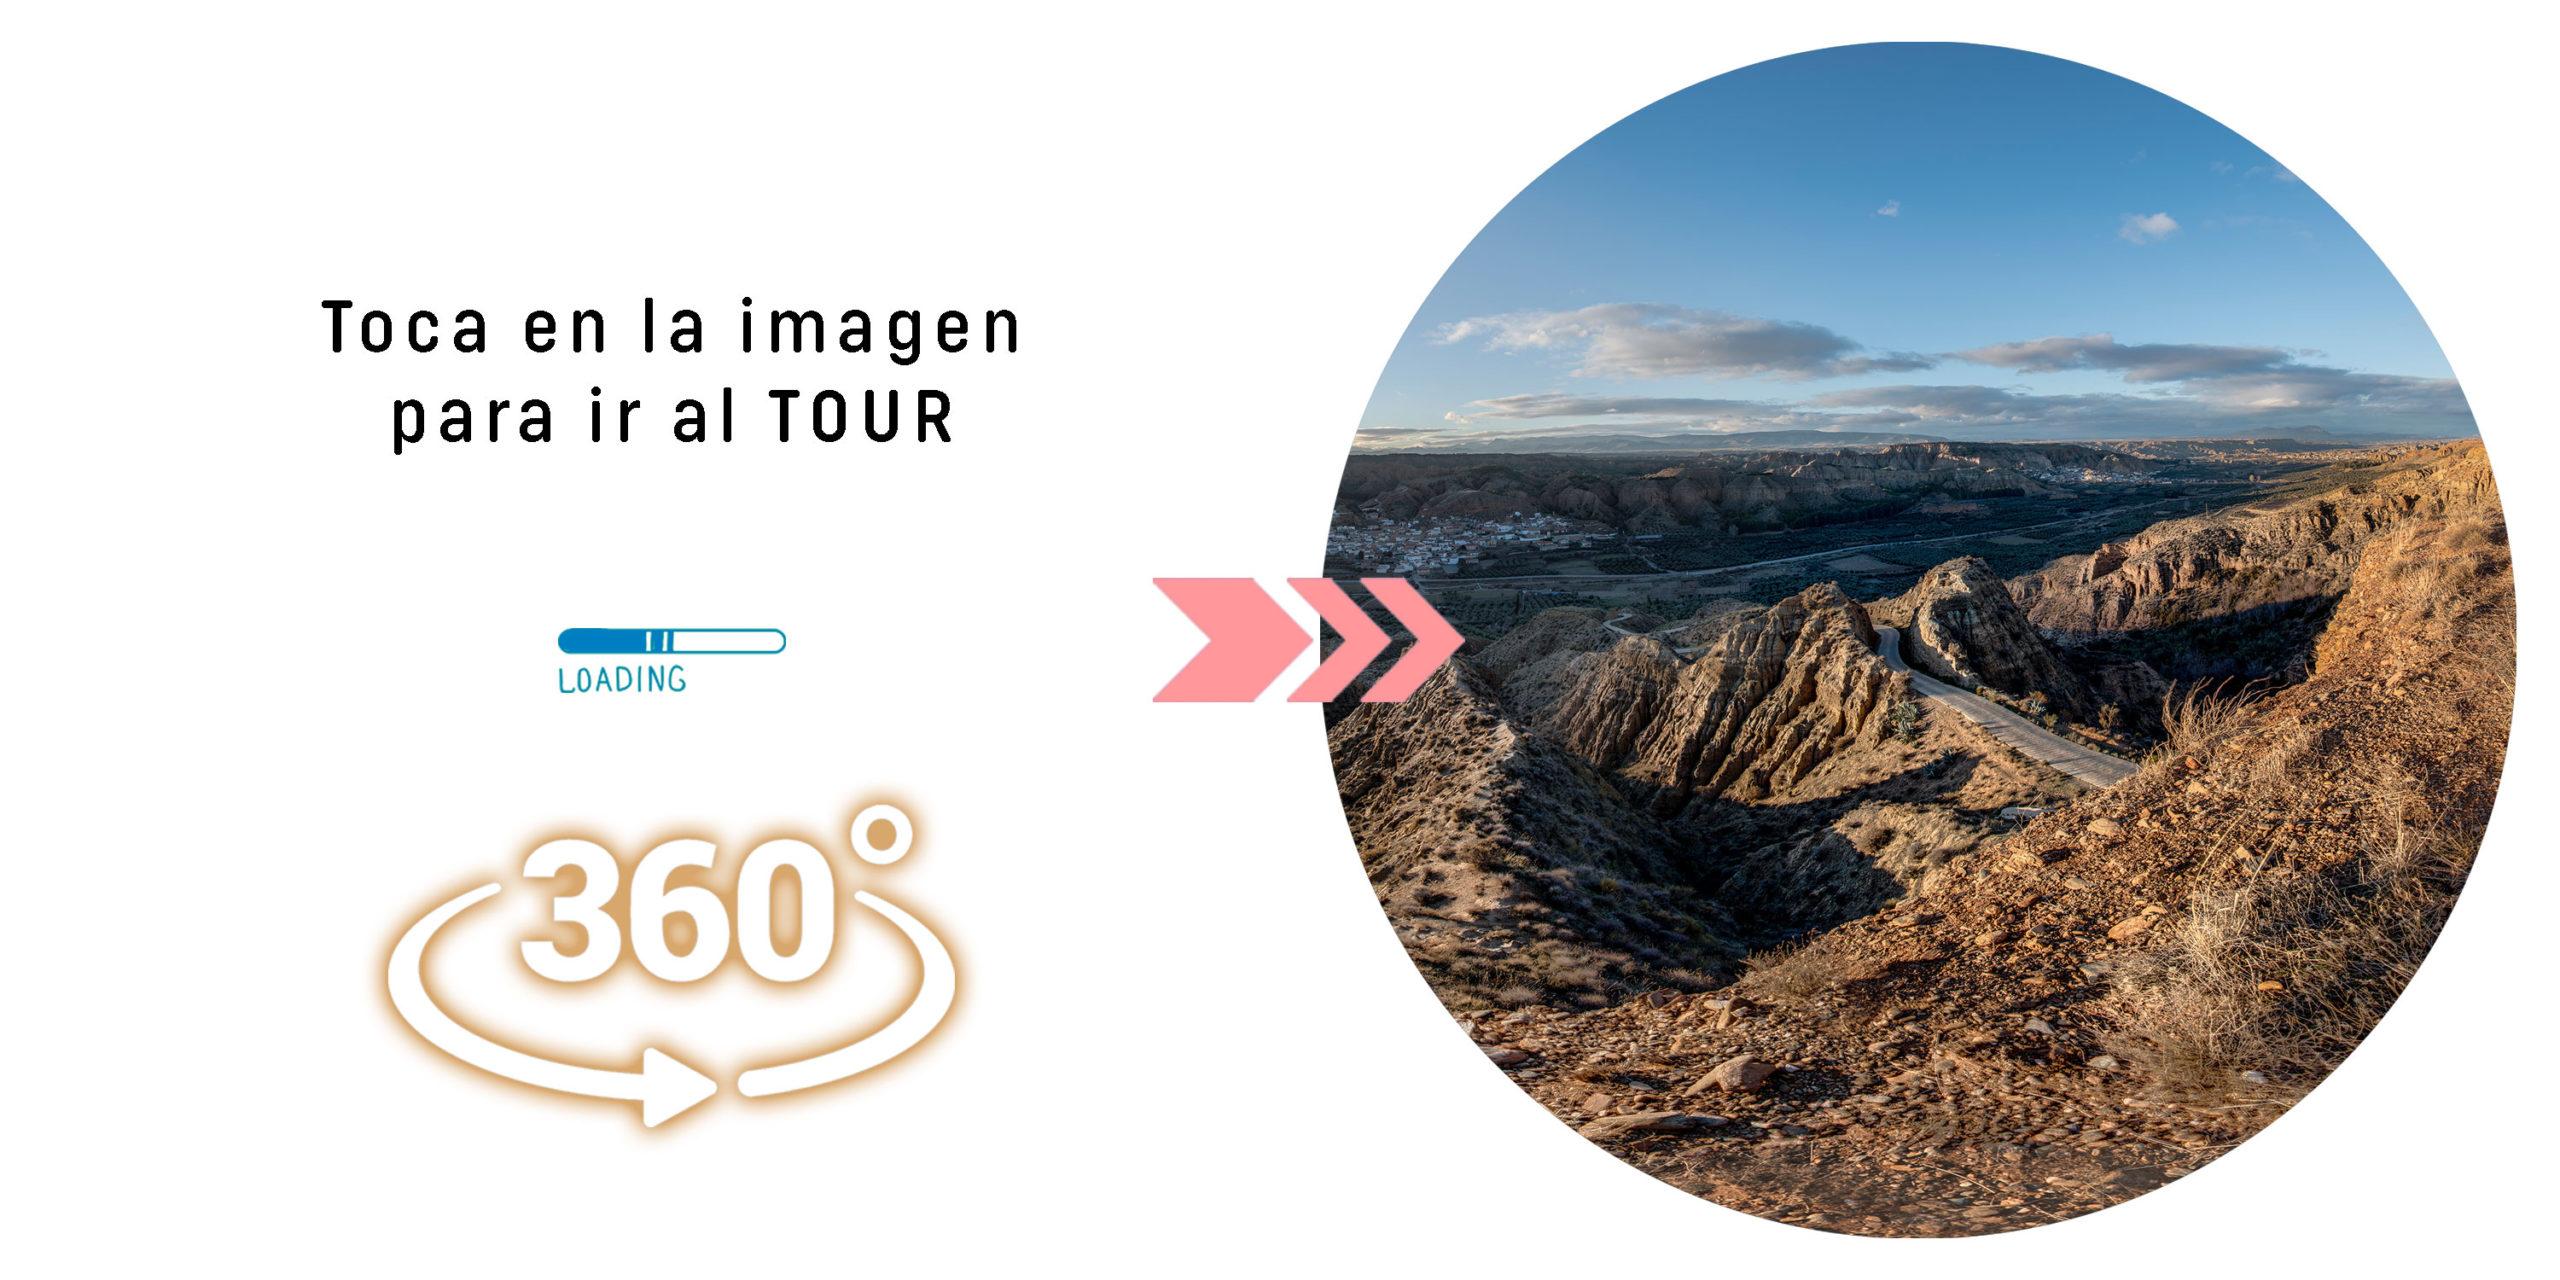 Enlace al Tour Virtual Mirador del Fin del Mundo